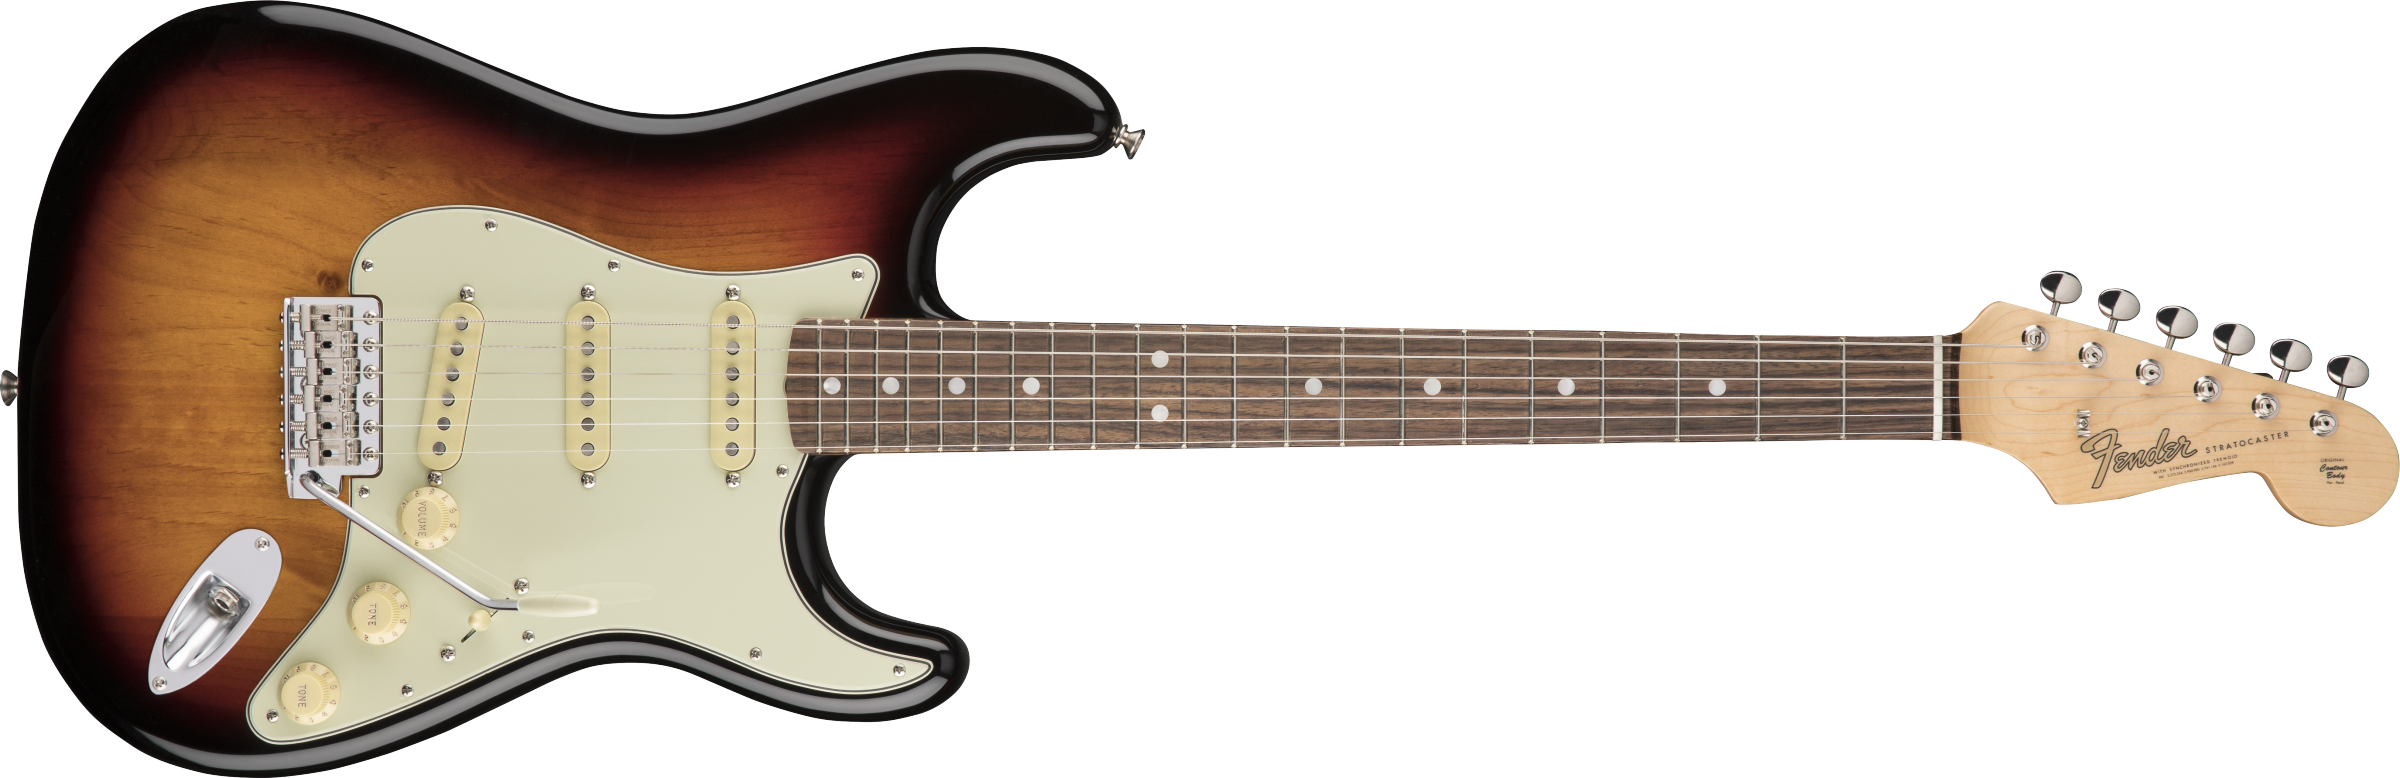 FENDER American Original 60s Stratocaster, Rosewood Fingerboard, 3-Color Sunburst